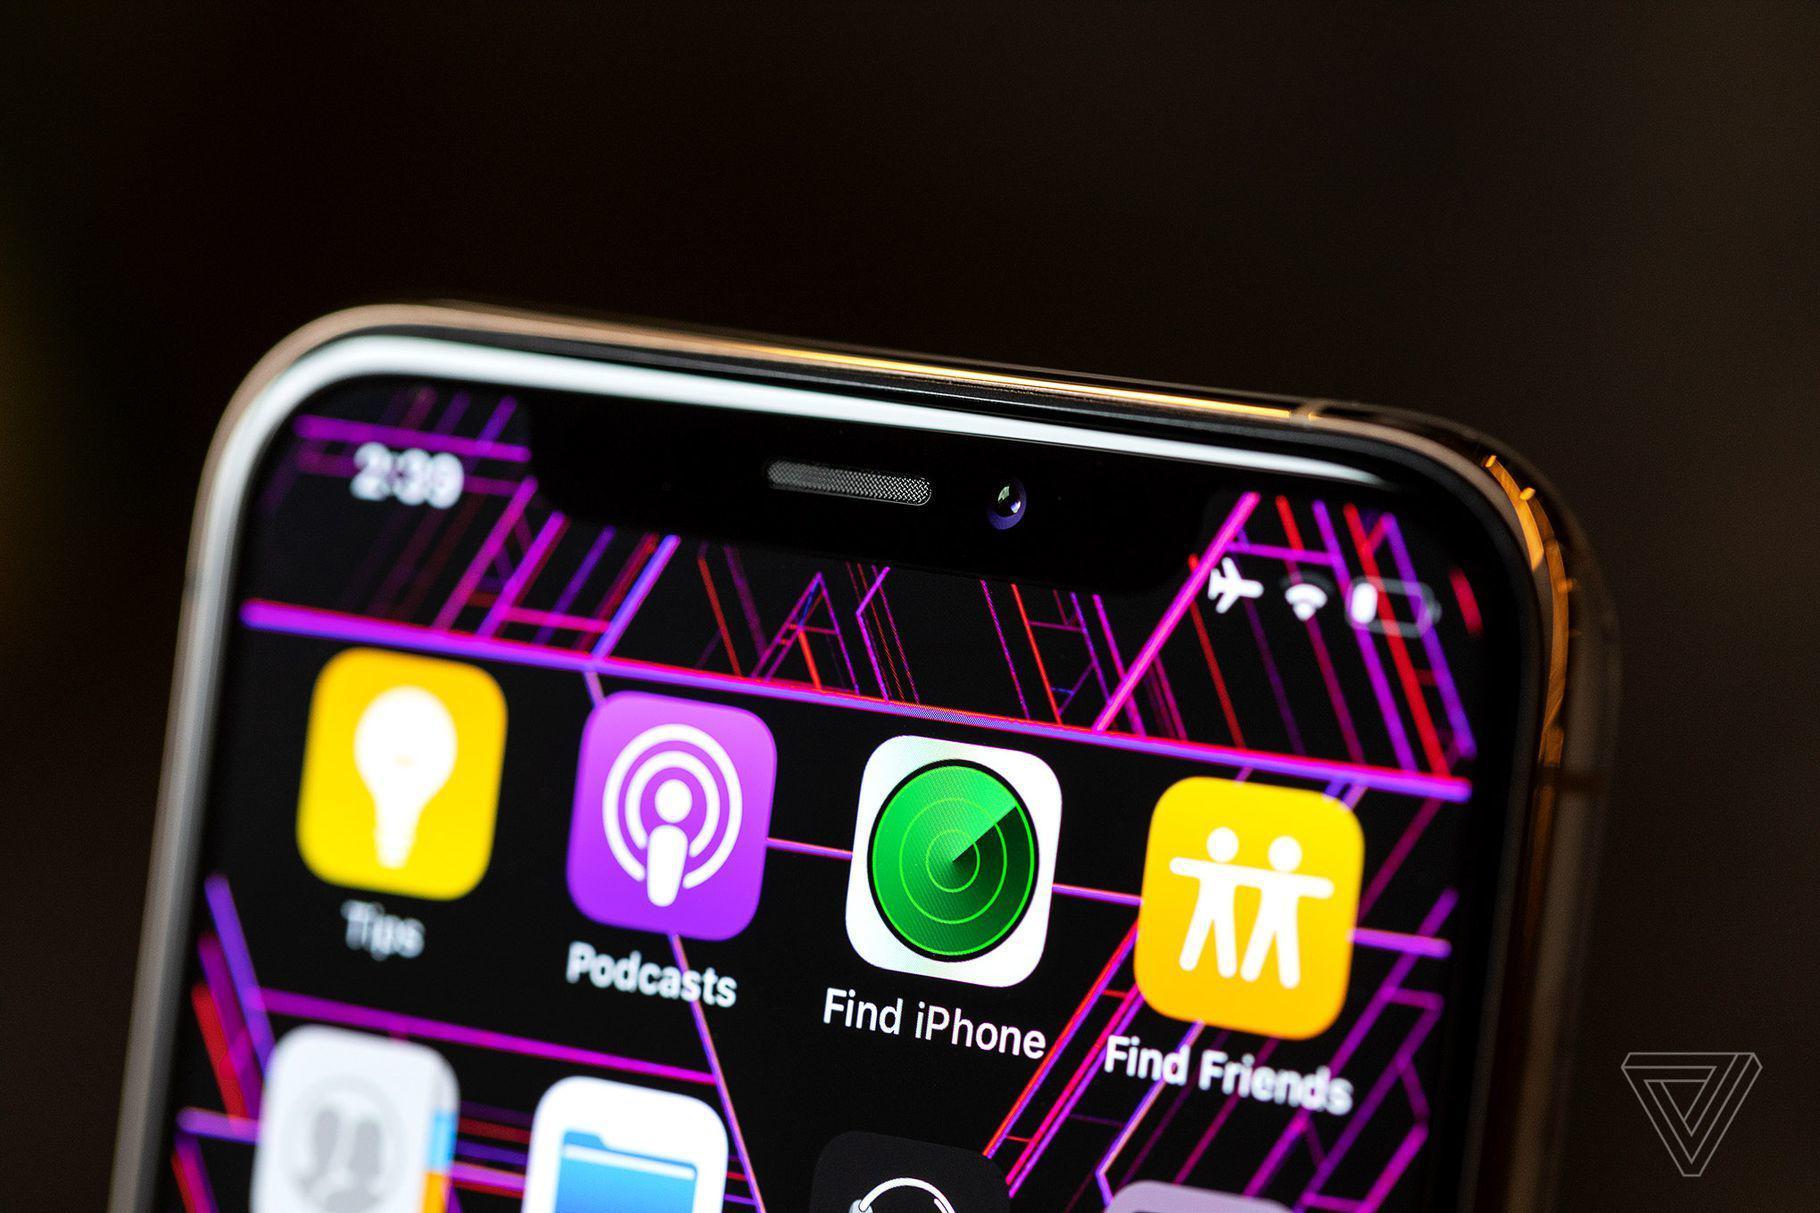 欧美用户抗议后,iPhone XS将取消自拍美颜效果